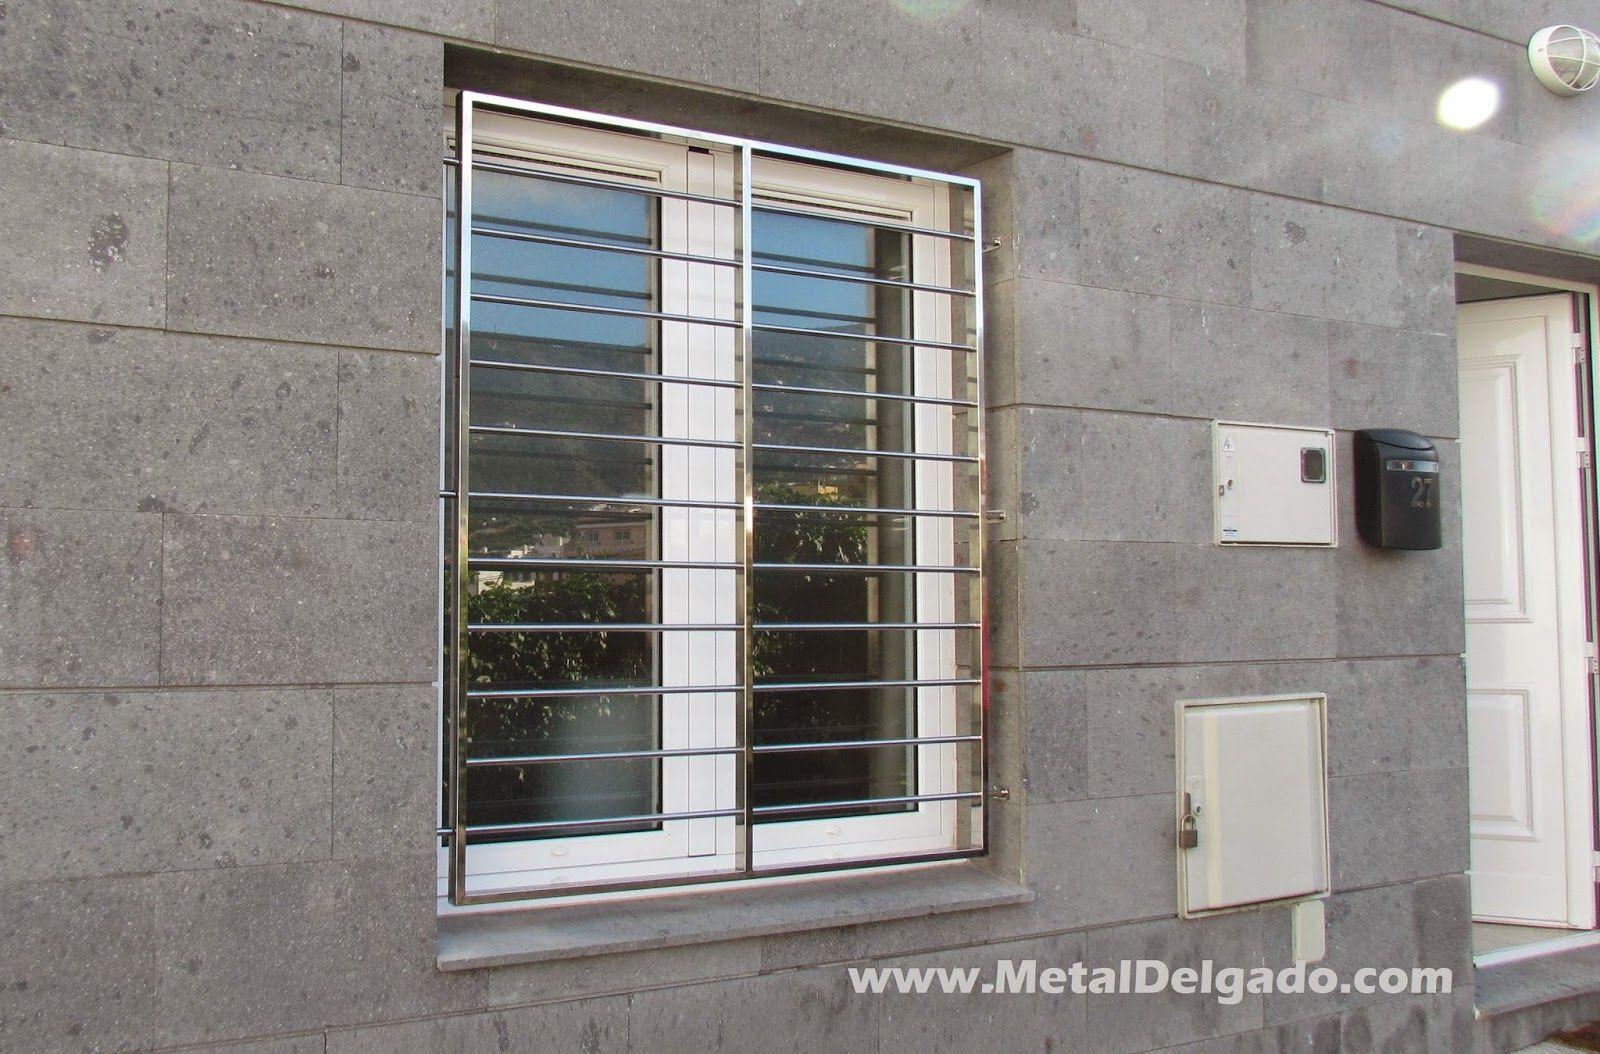 Reja de seguridad en acero Inoxidable. Diseño y fabricación Metal ...